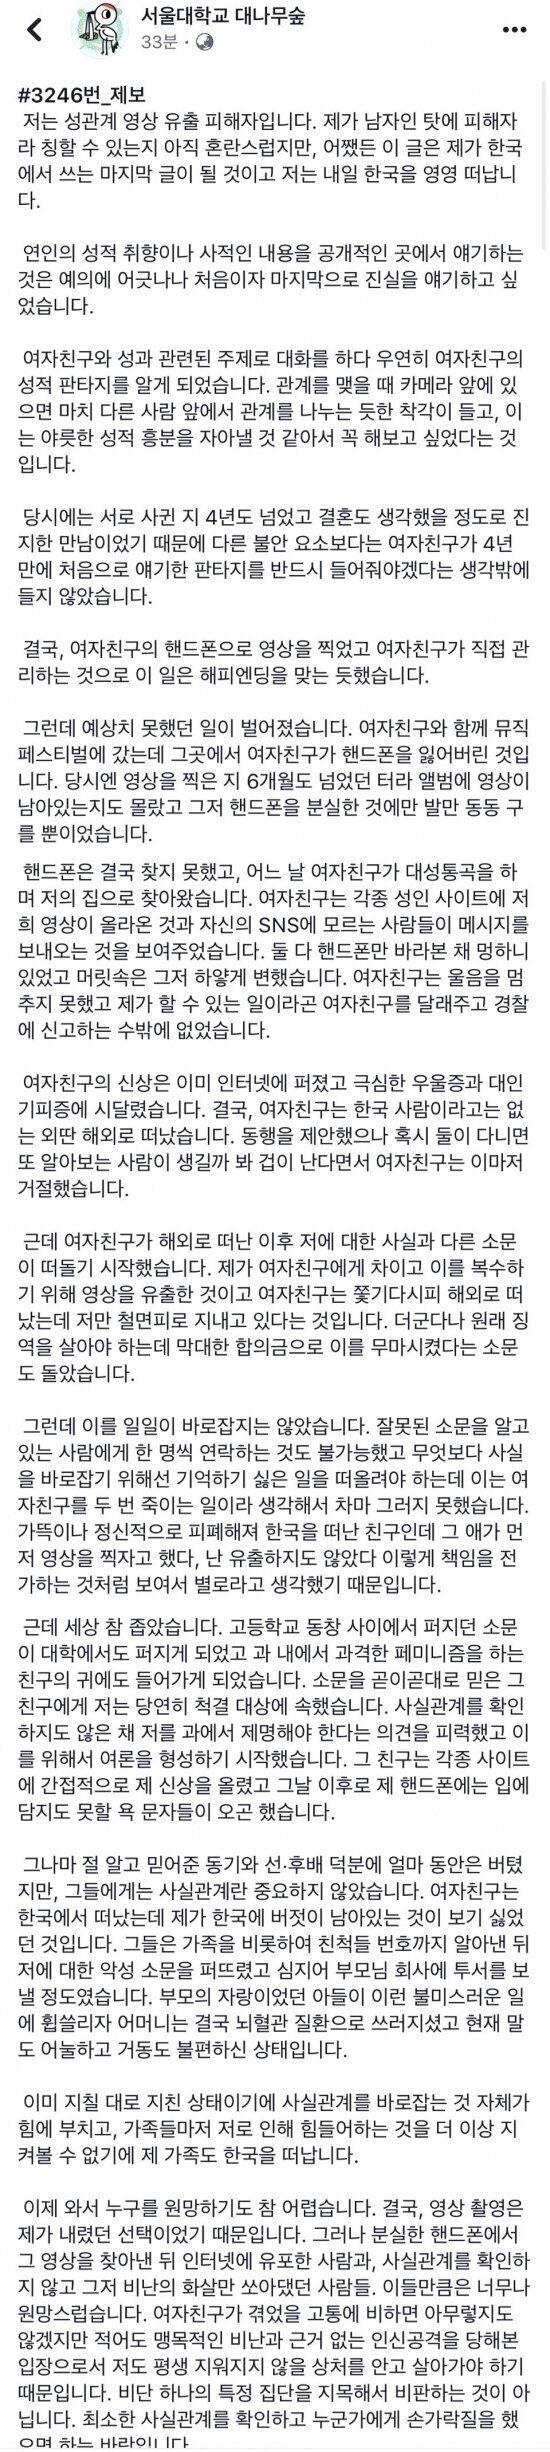 서울대 대숲 성관계 동영상 유출 피해자의..